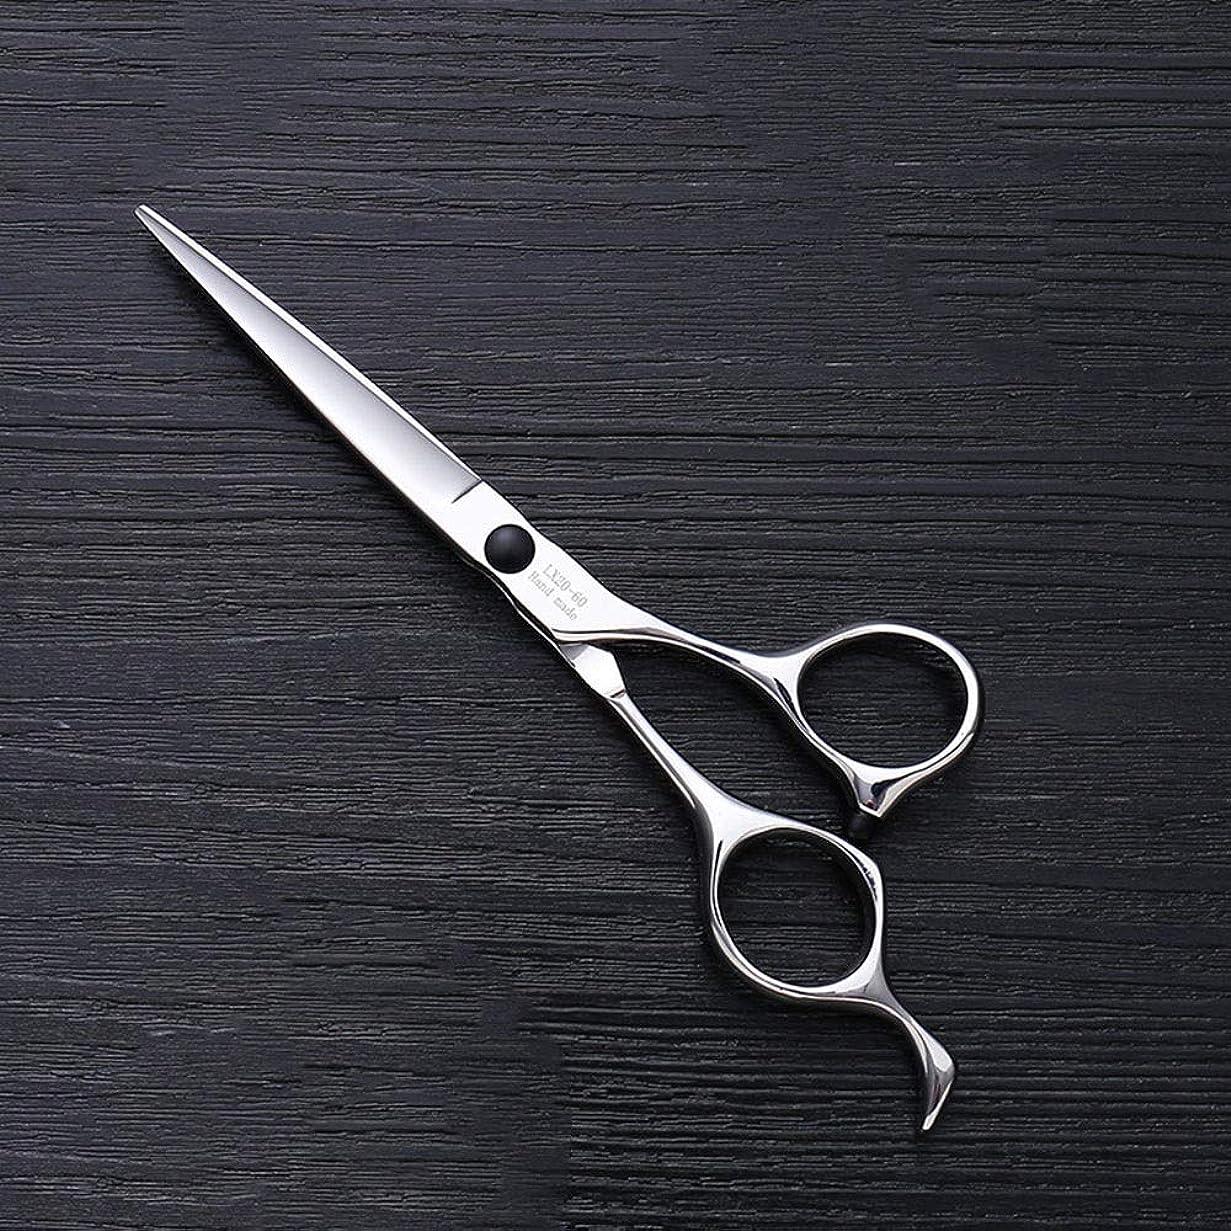 社交的洞窟アブセイ理髪用はさみ 6インチハイエンドステンレススチールバリカン、ヘアスタイリスト特別なヘアカットツールヘアカット鋏ステンレス理髪はさみ (色 : Silver)